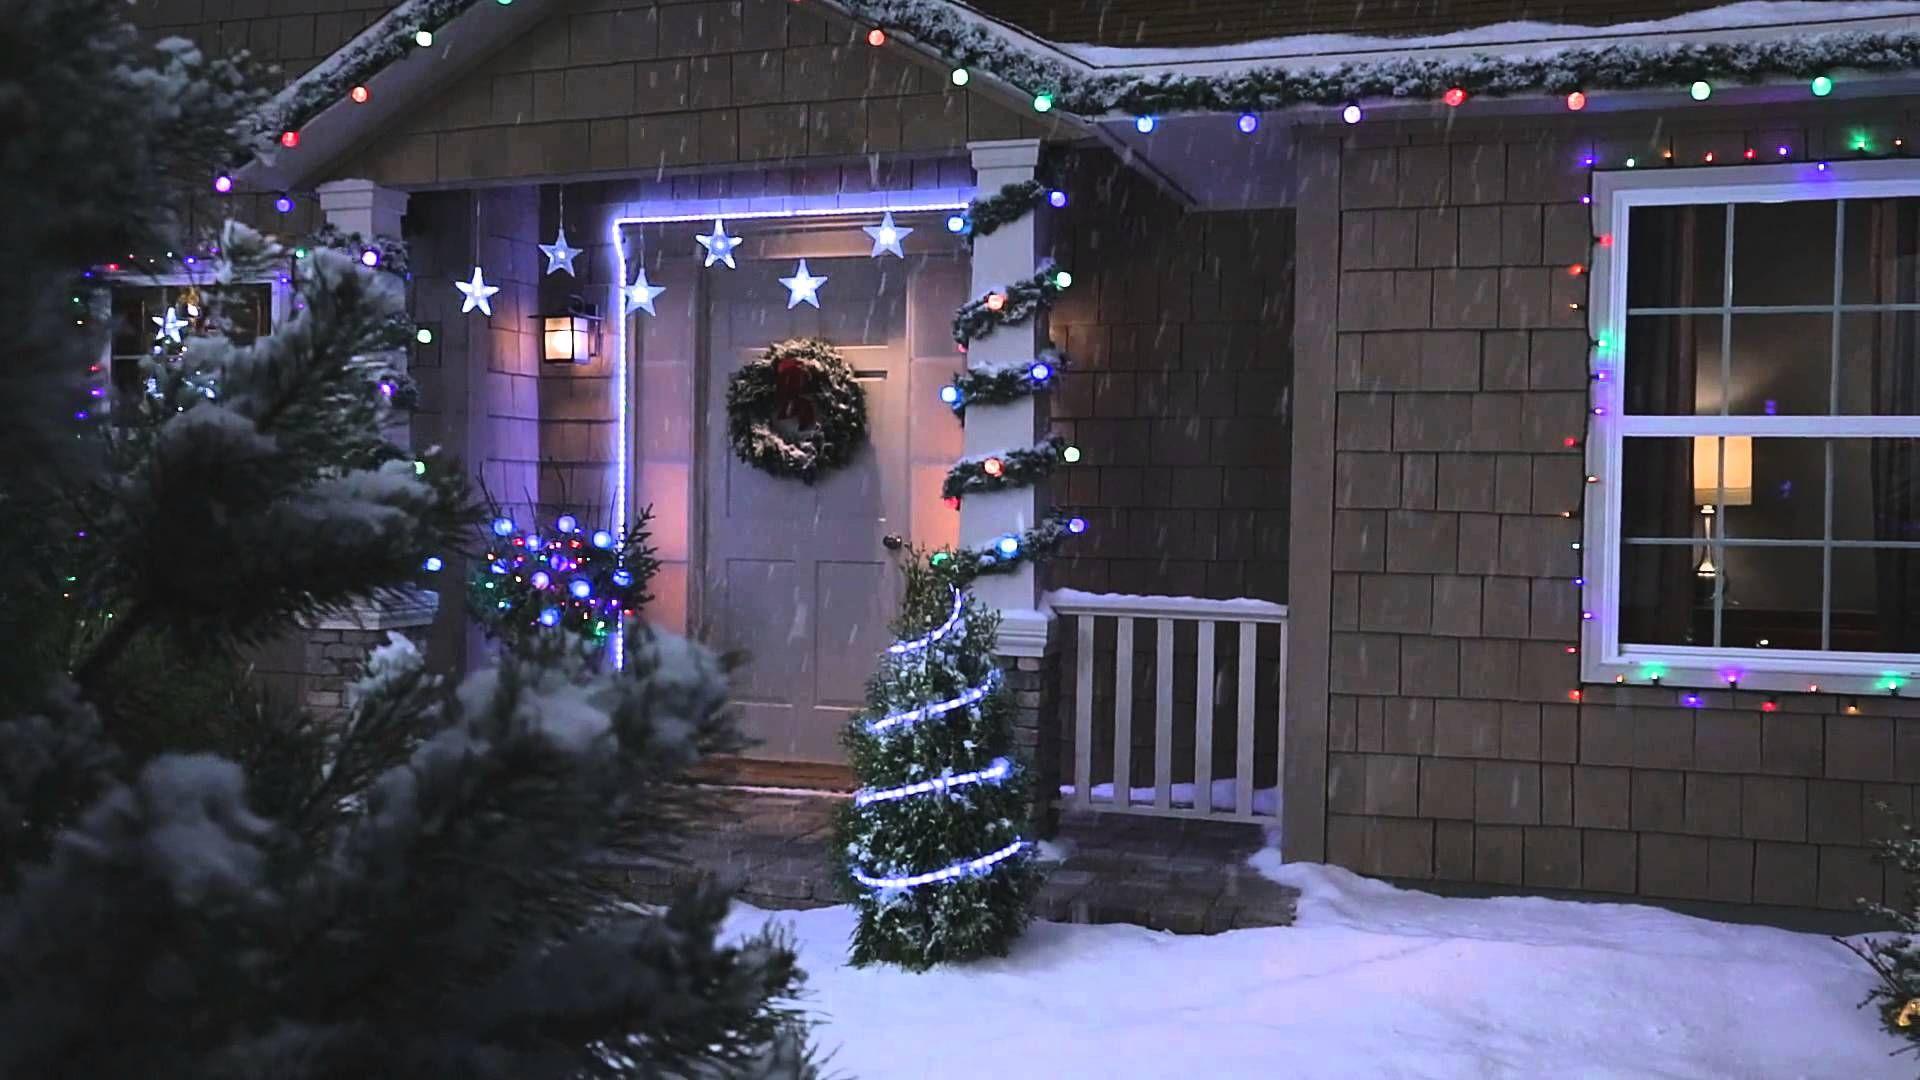 Best White Led Christmas Lights Reviews | White Led Christmas Lights ...